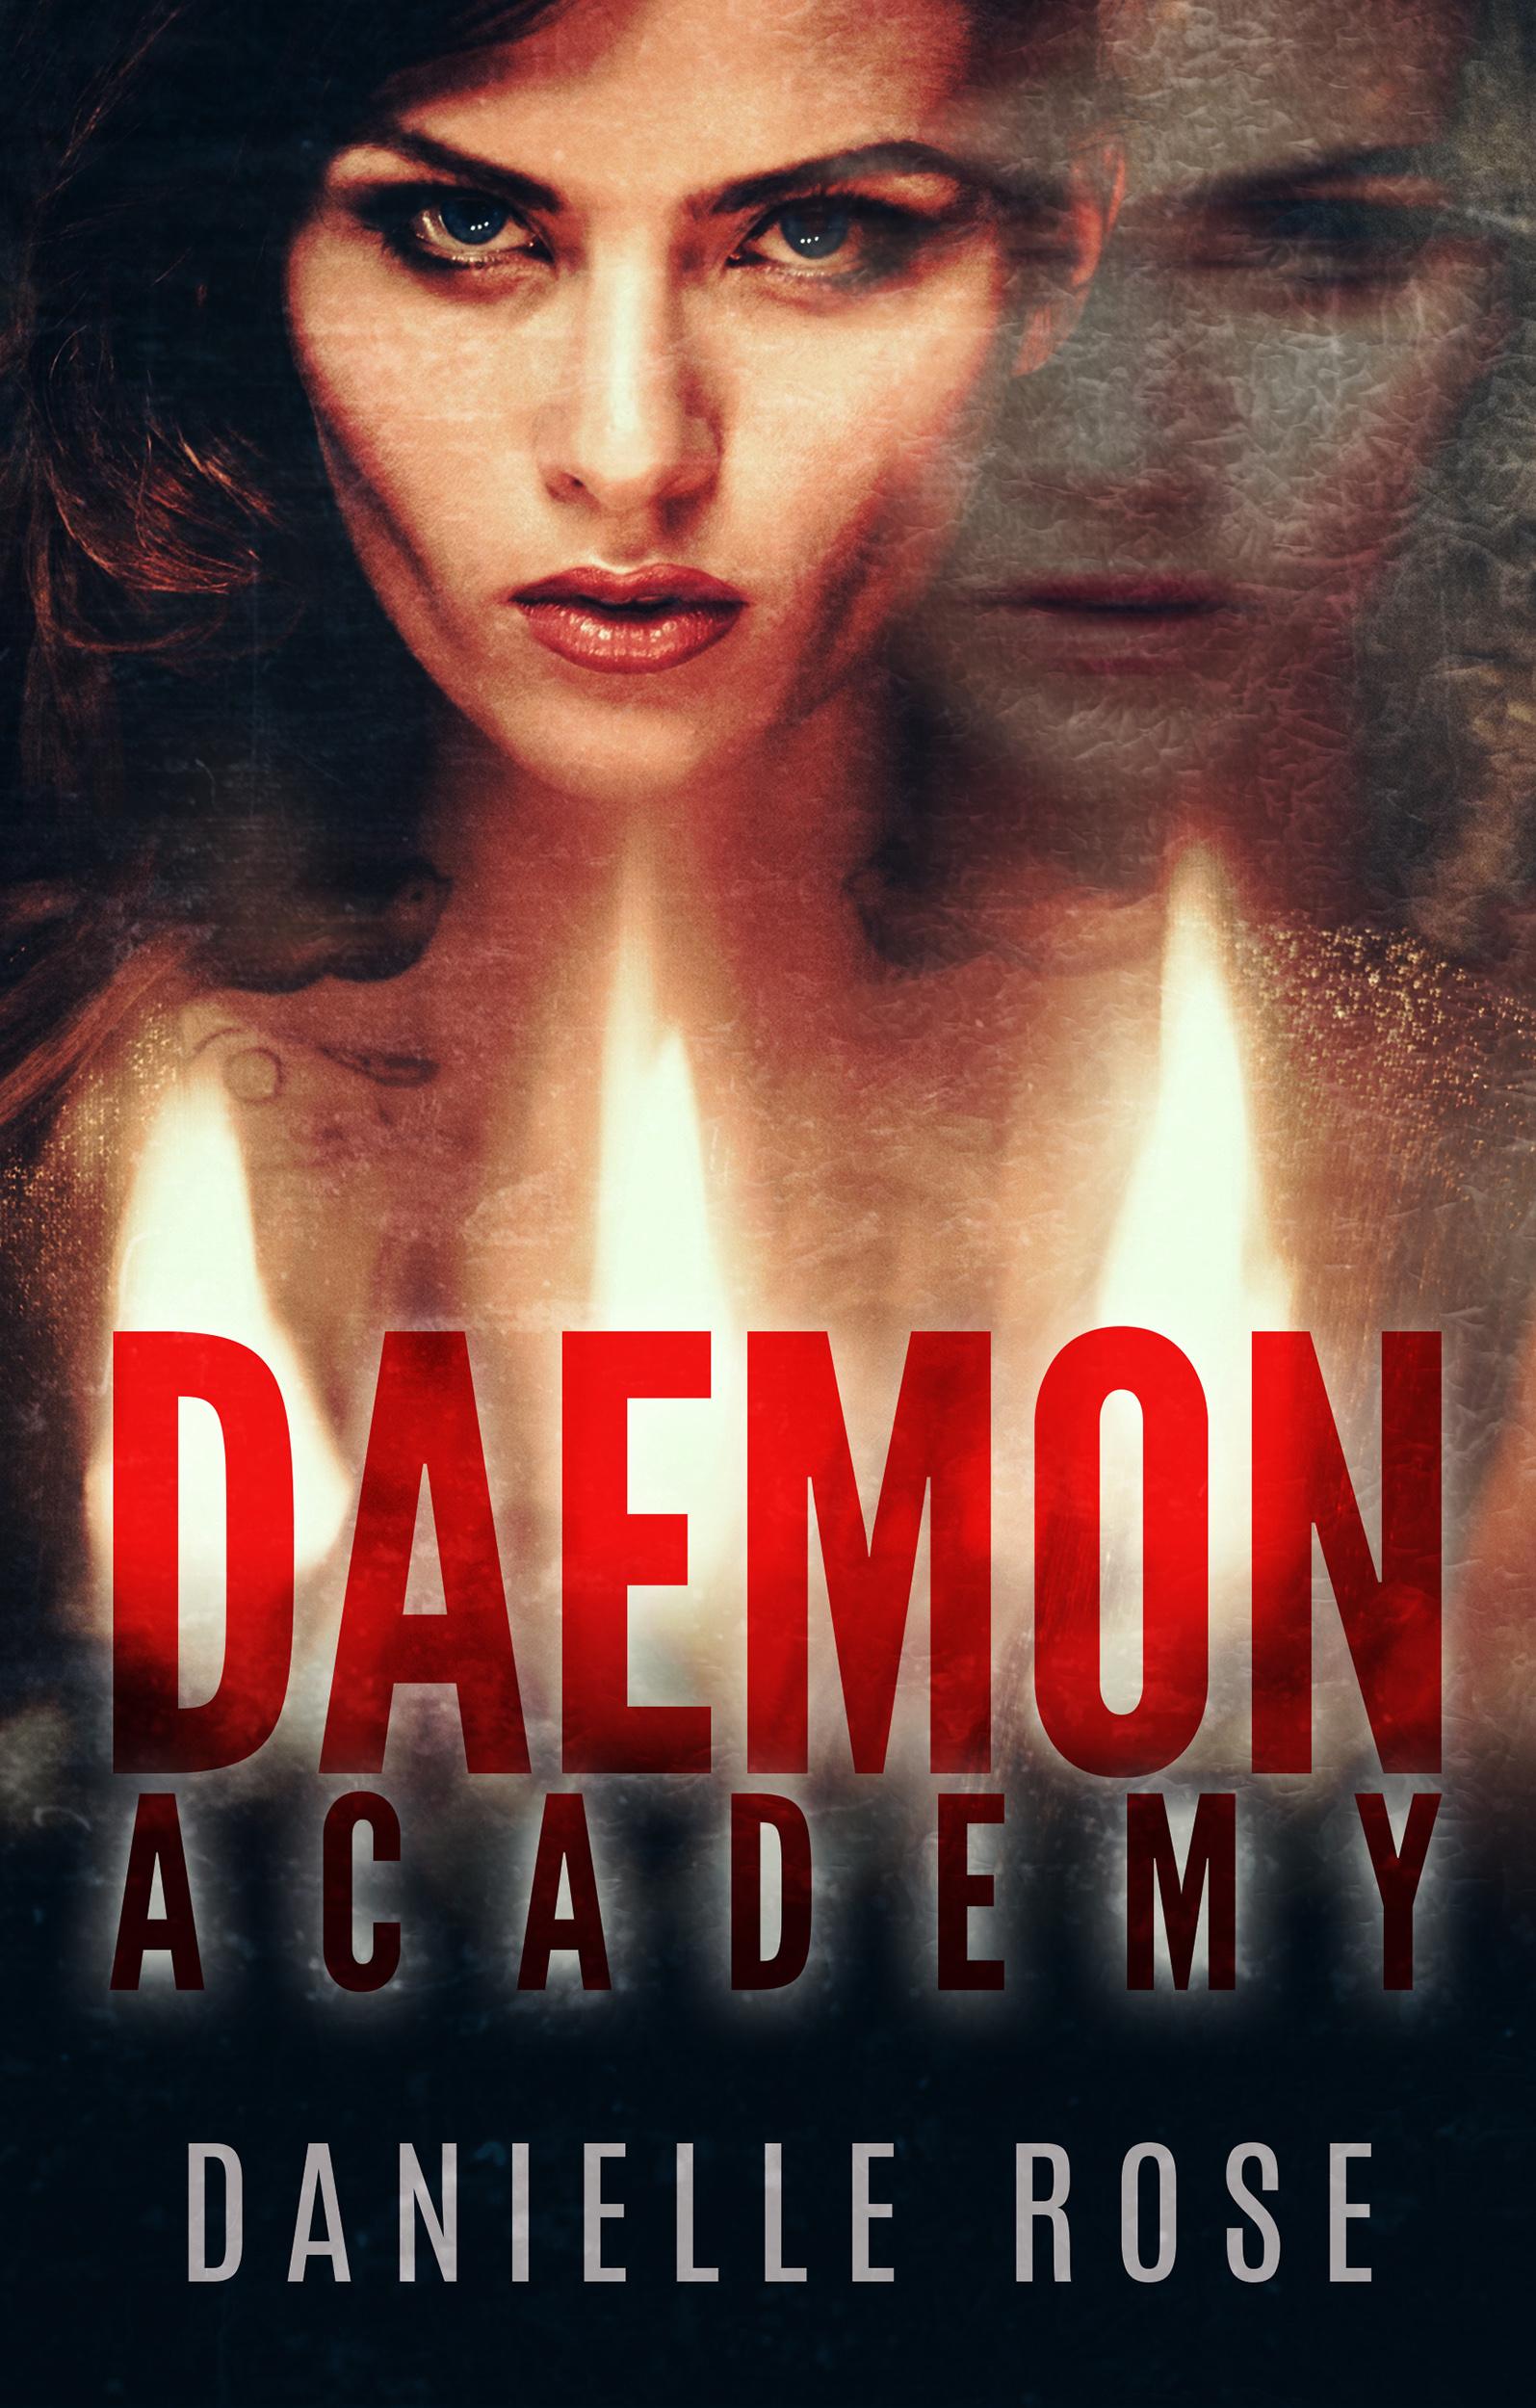 DaemonAcademy_Amazon